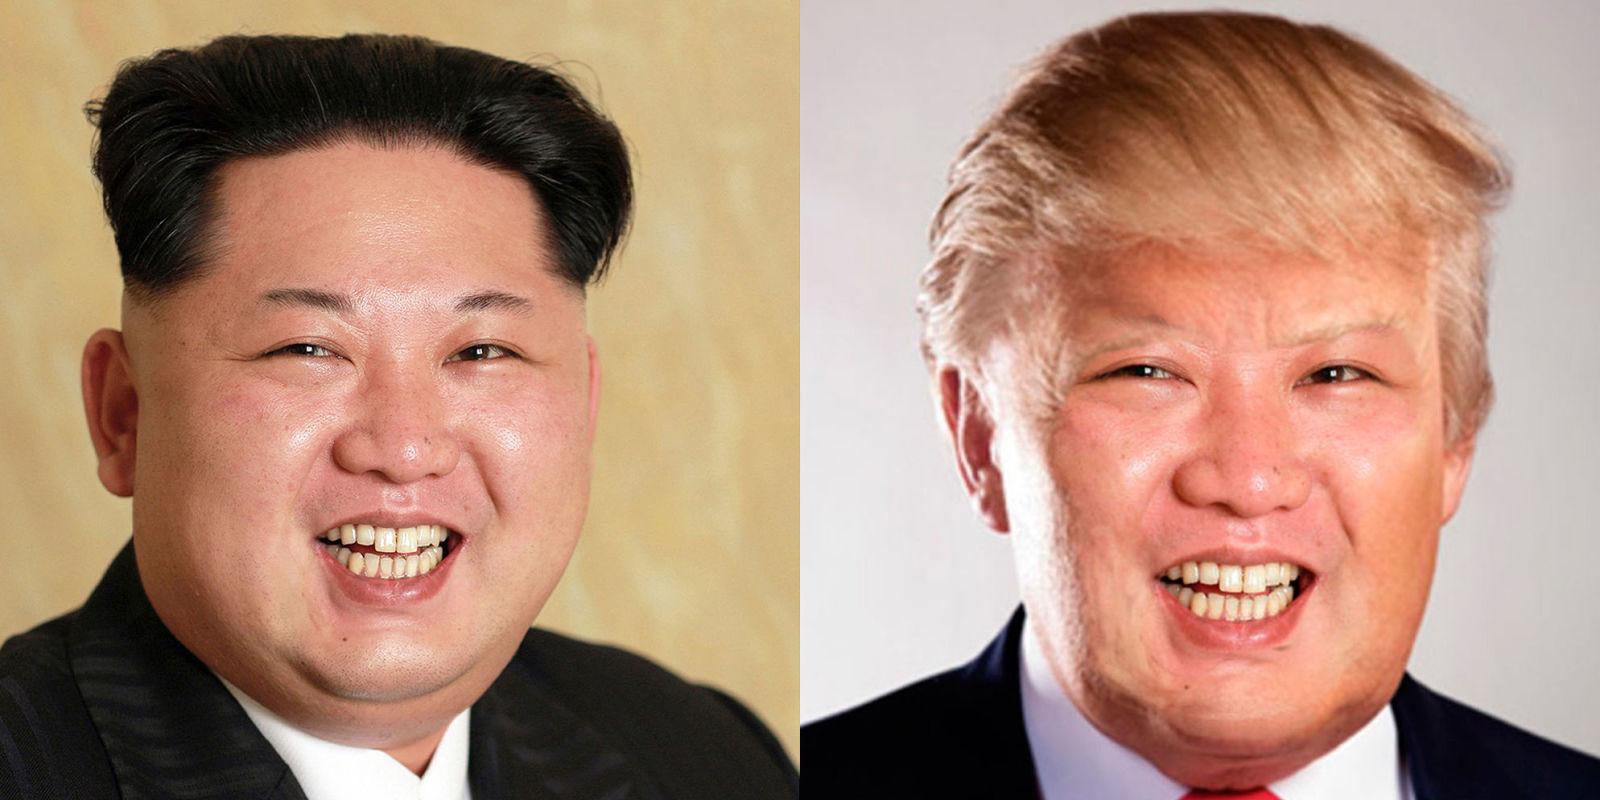 Kim Jong Un with Trump Haircut - Image Copyright Cdn.Co